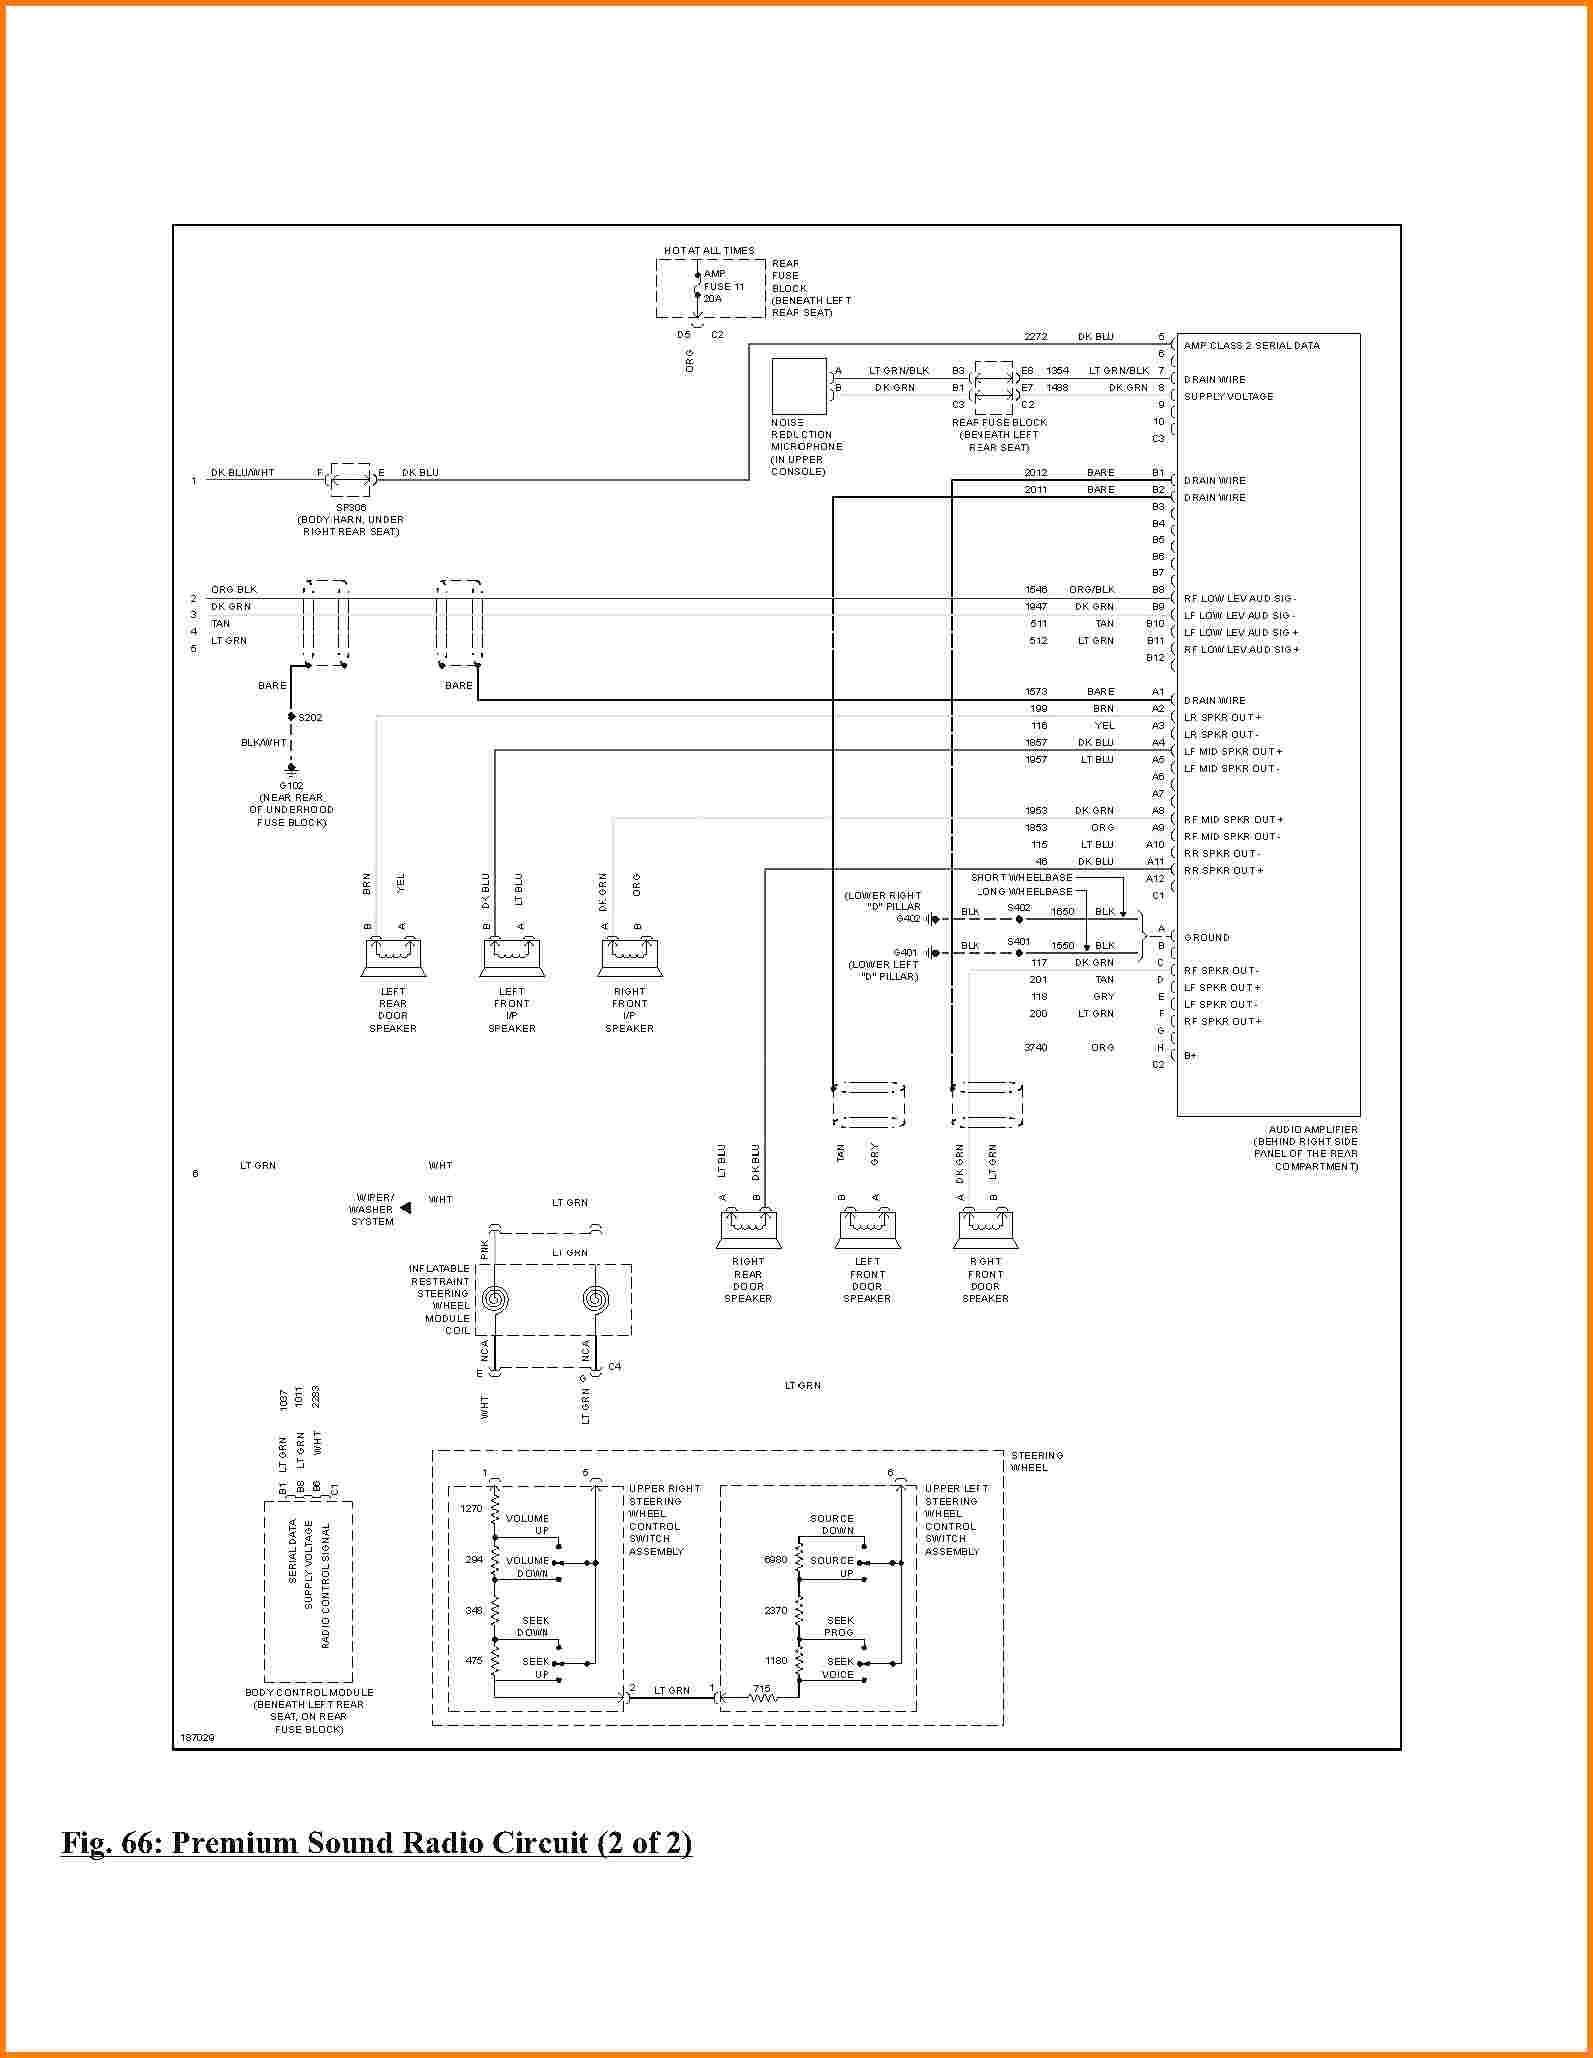 Scosche Loc2Sl Wiring Diagram   Wiring Diagram - Scosche Loc2Sl Wiring Diagram